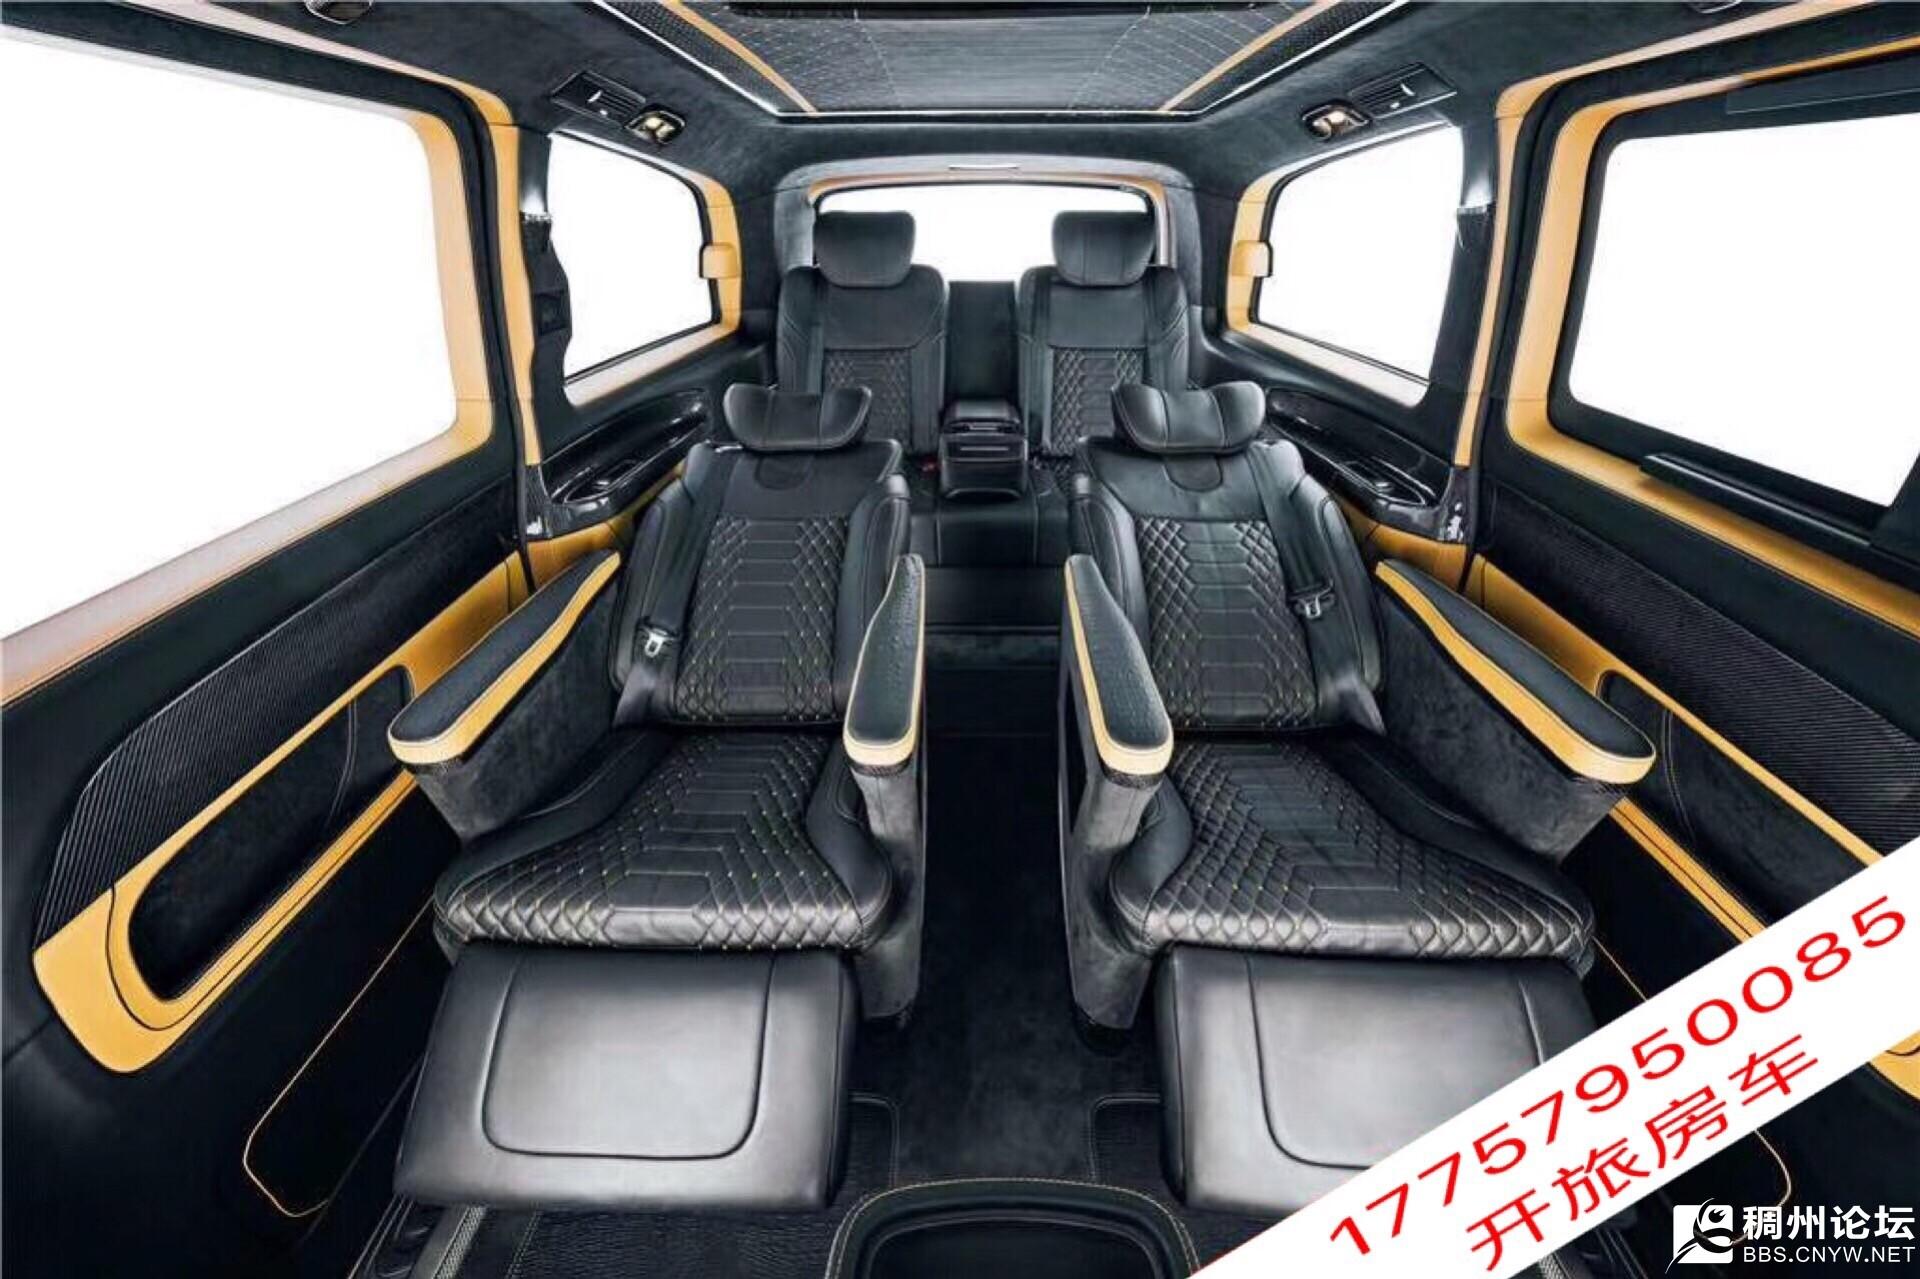 金华市义乌市进口奔驰商务车奔驰V250改装